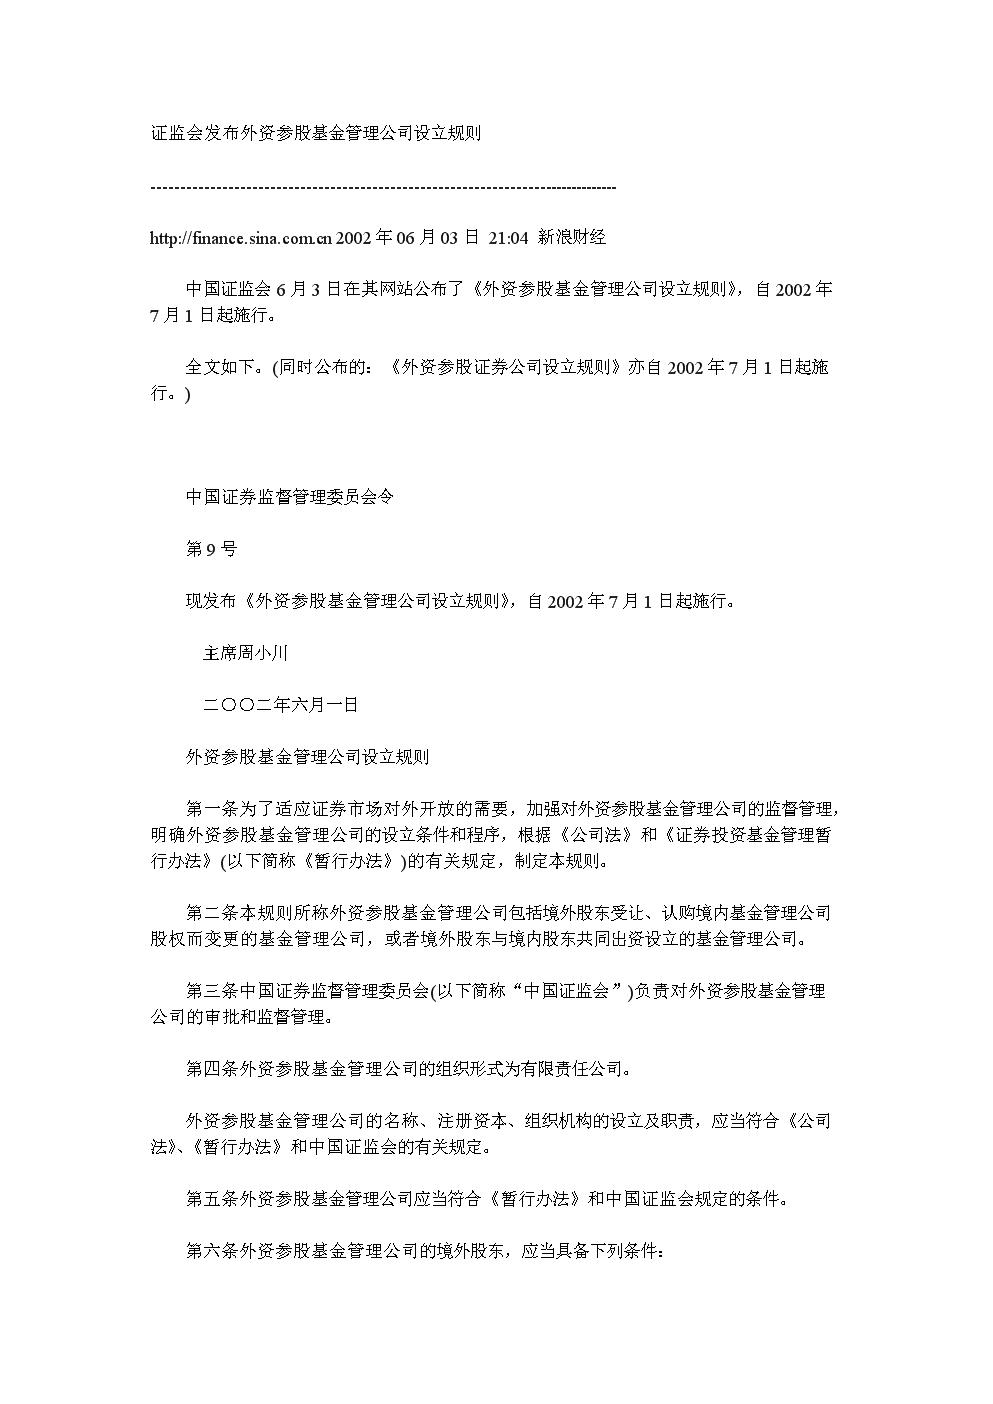 《外资参股基金管理公司设立规则》.doc